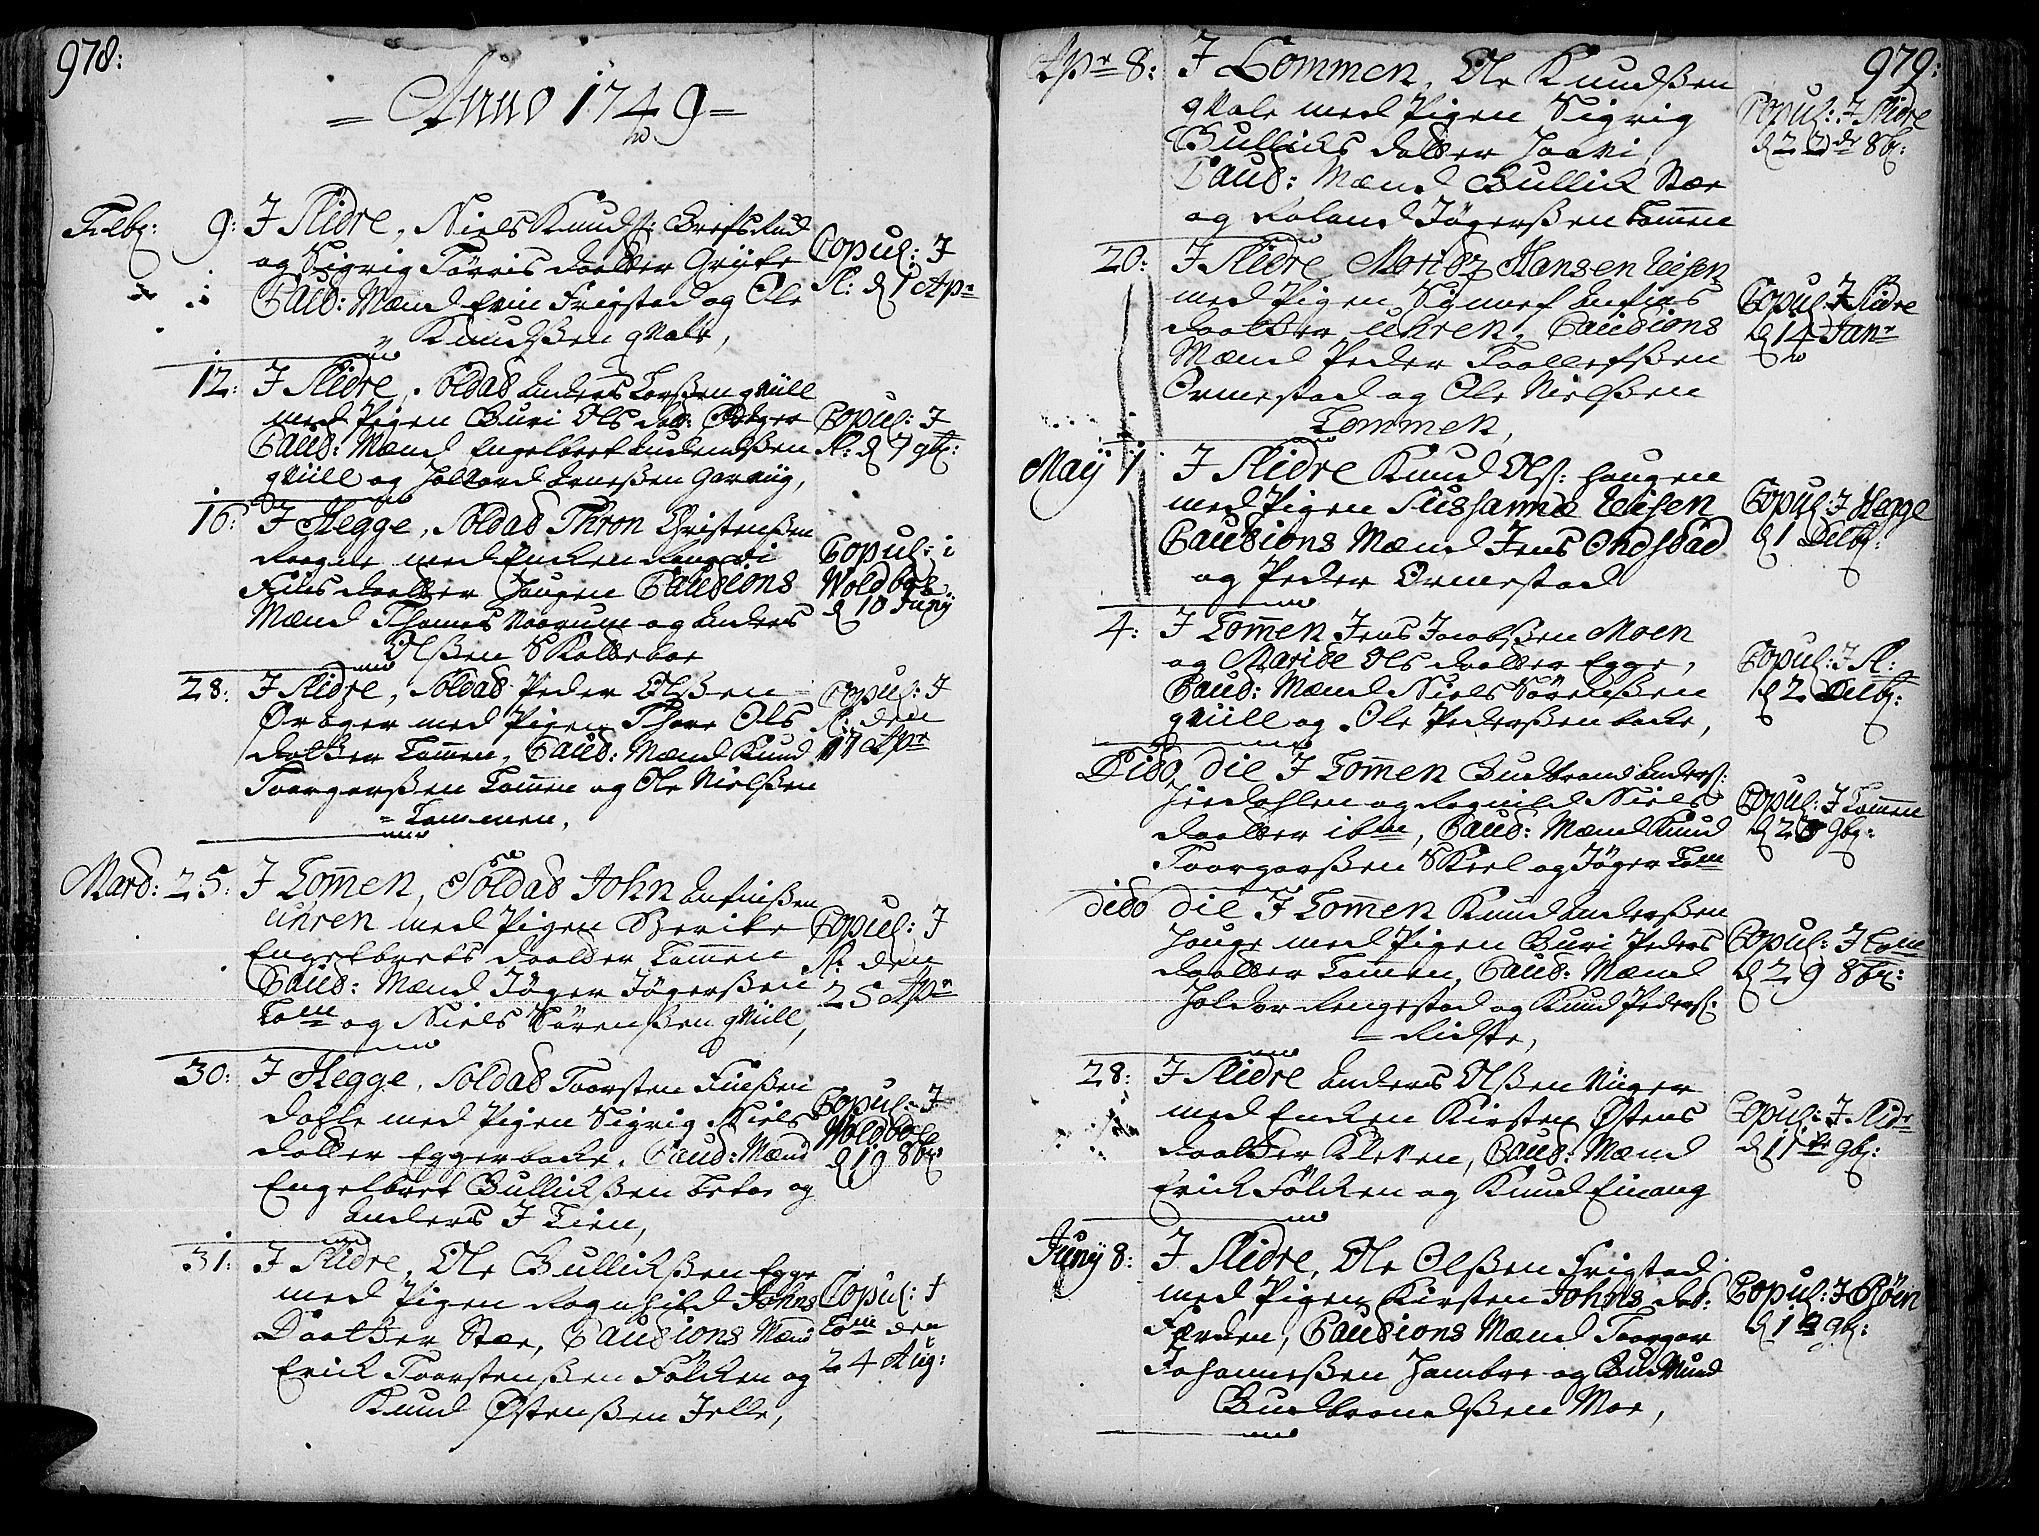 SAH, Slidre prestekontor, Ministerialbok nr. 1, 1724-1814, s. 978-979